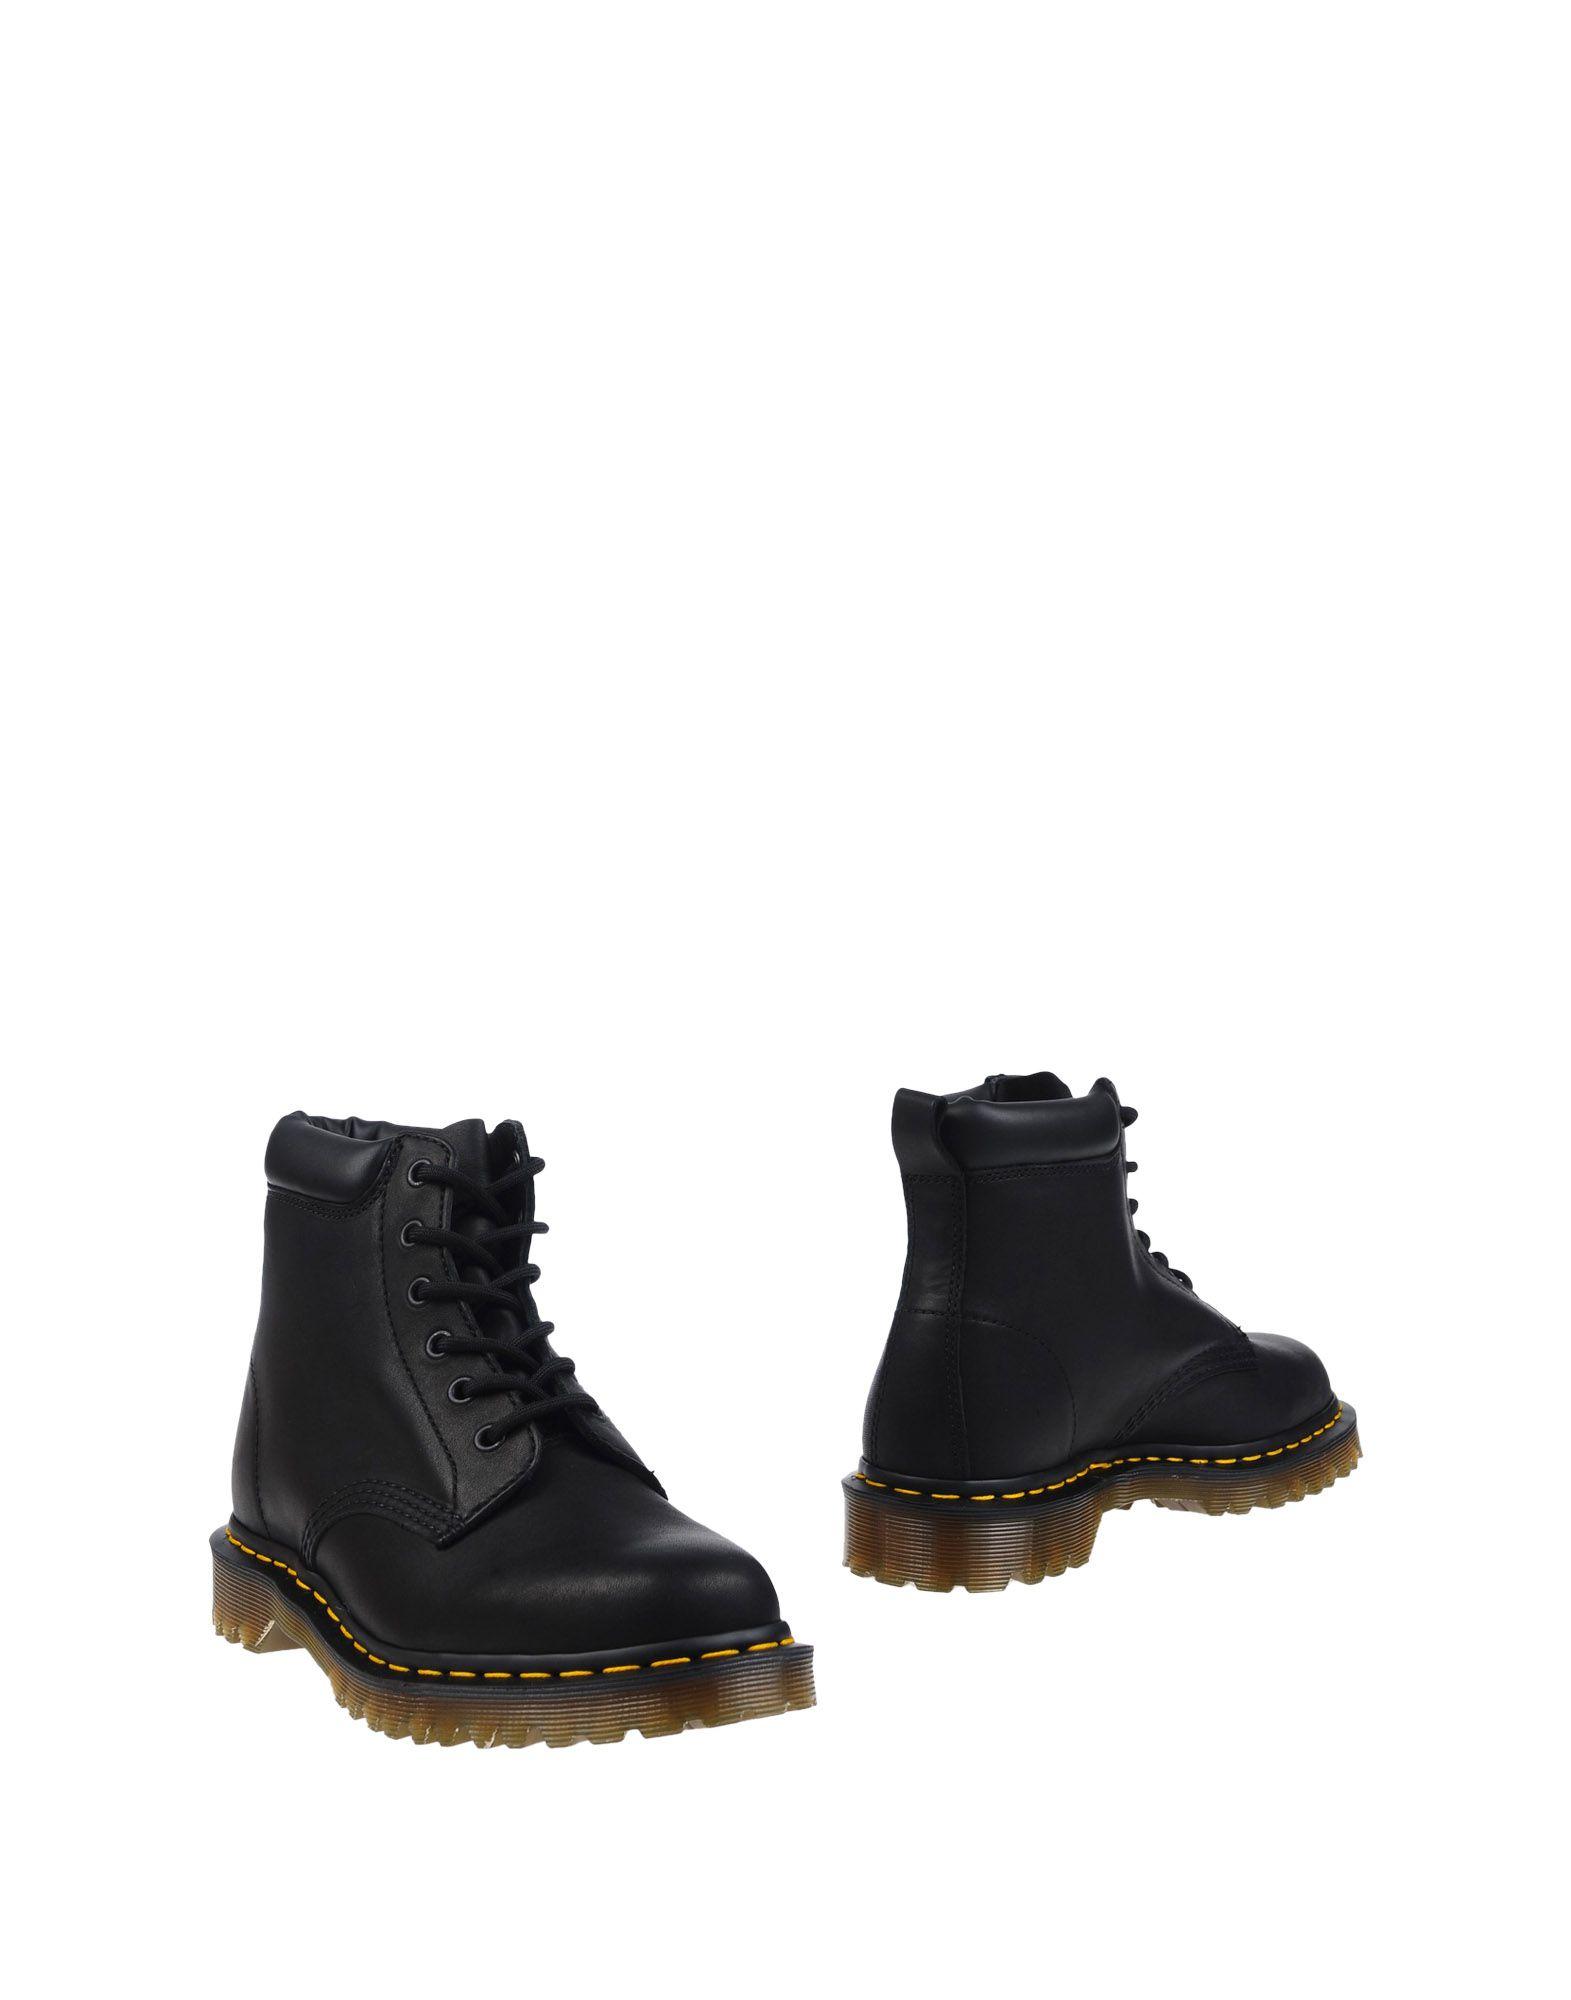 Dr. Martens Boots - - - Men Dr. Martens Boots online on  United Kingdom - 11252179LK 8ca05c